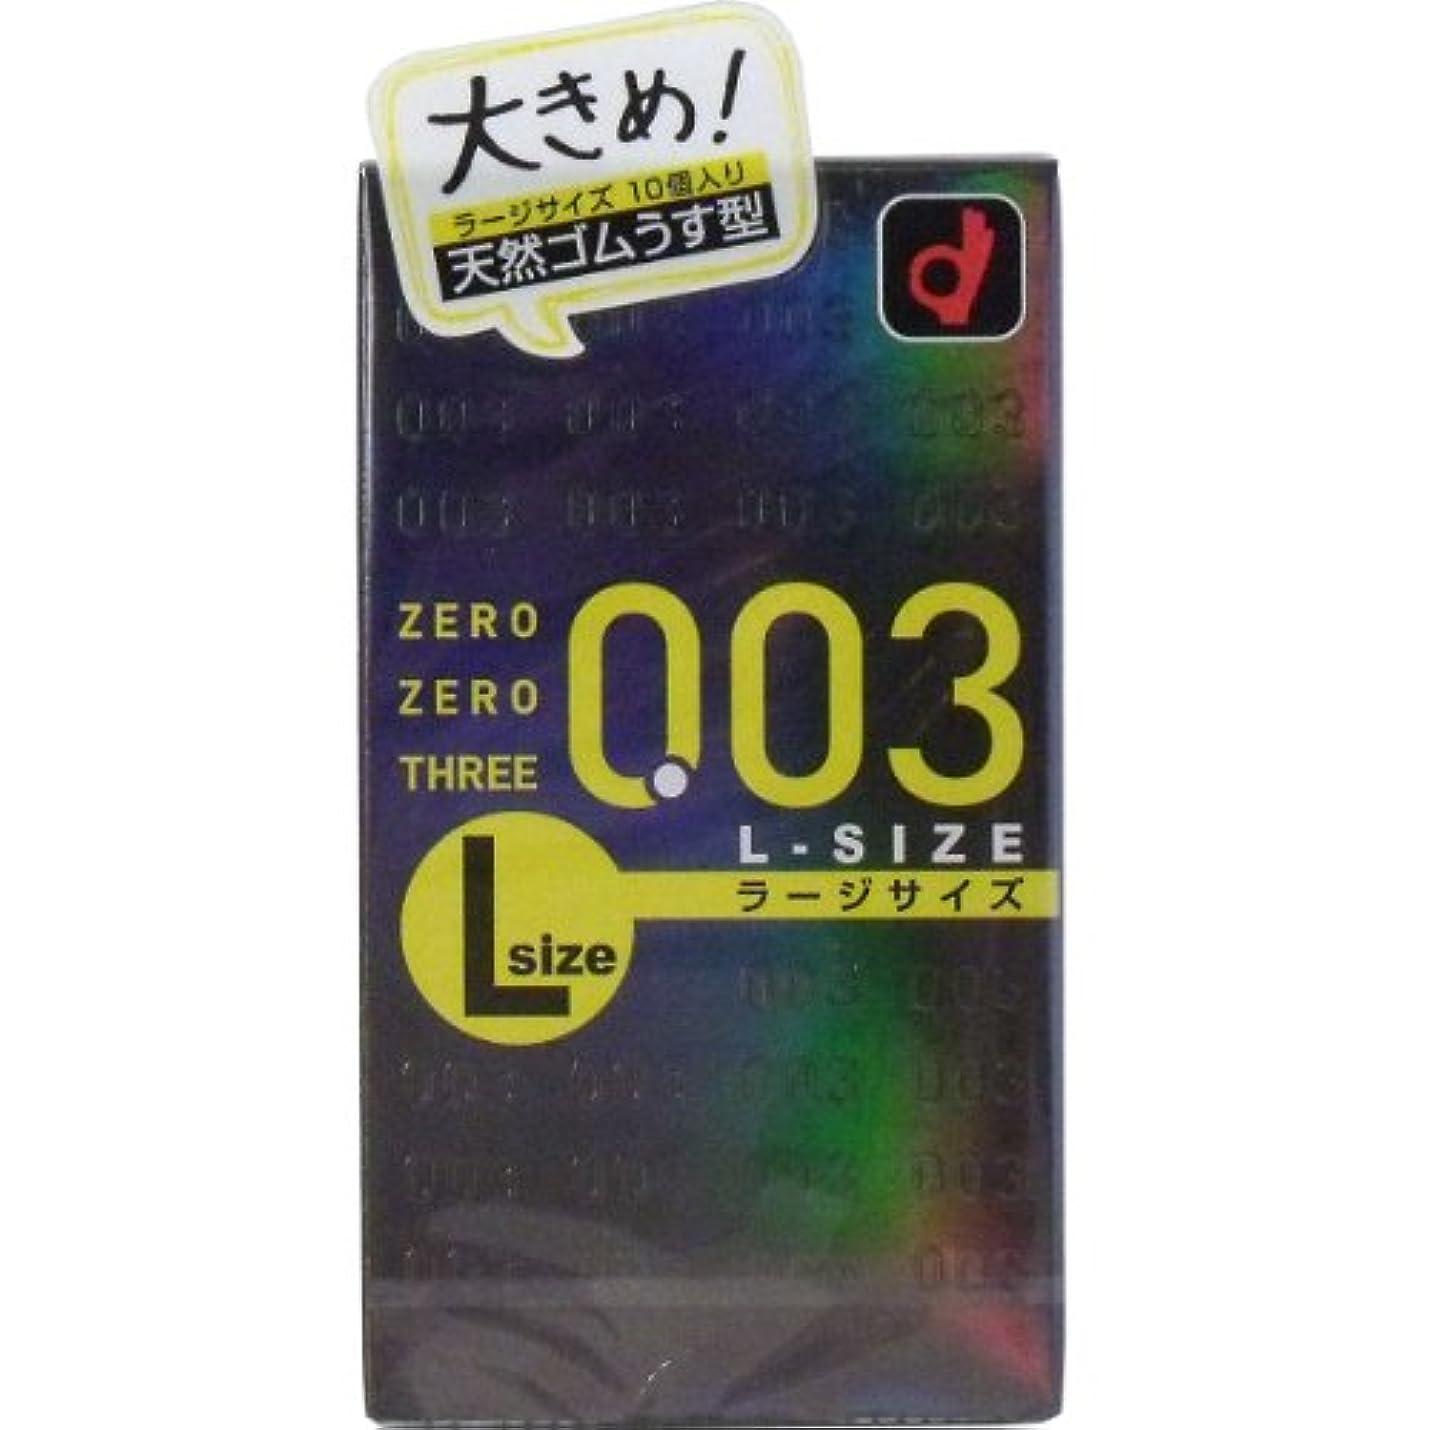 アレルギーみがきます散文オカモト ゼロゼロスリー003 Lサイズ コンドーム 10P